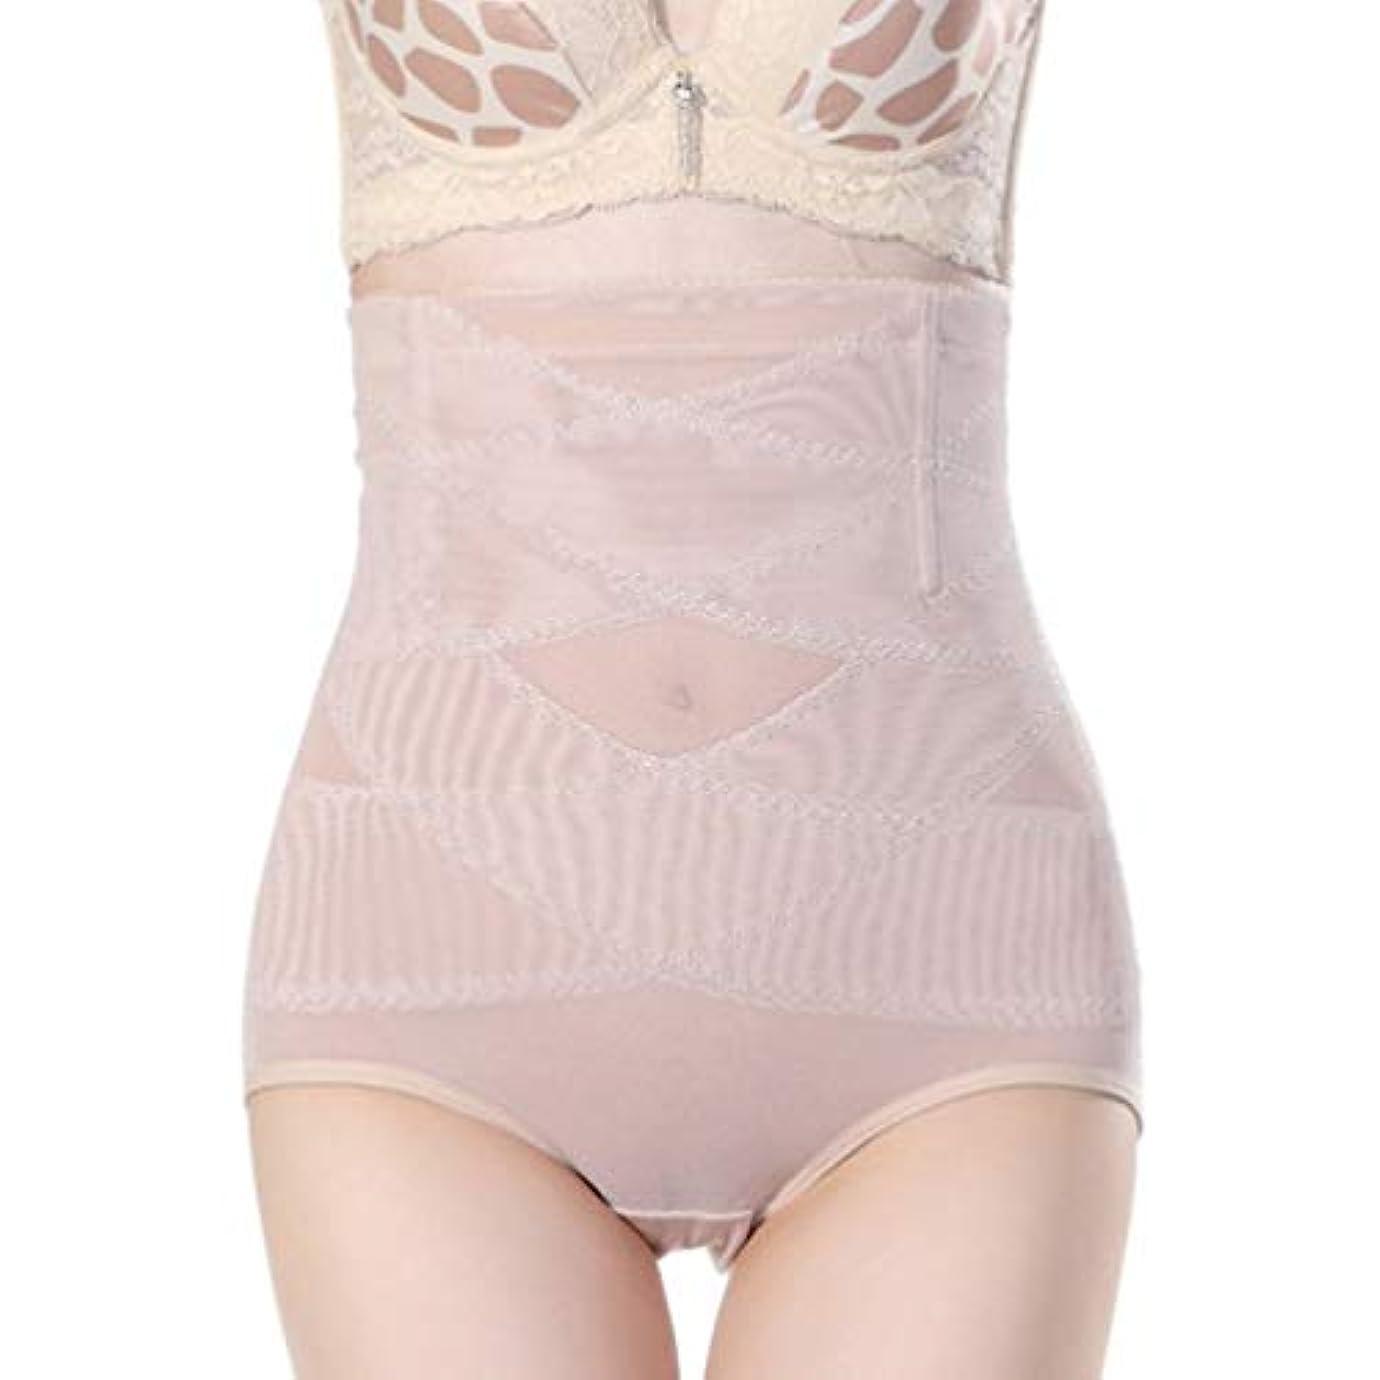 ダルセット記事有益な腹部制御下着シームレスおなかコントロールパンティーバットリフターボディシェイパーを痩身通気性のハイウエストの女性 - 肌色3 XL